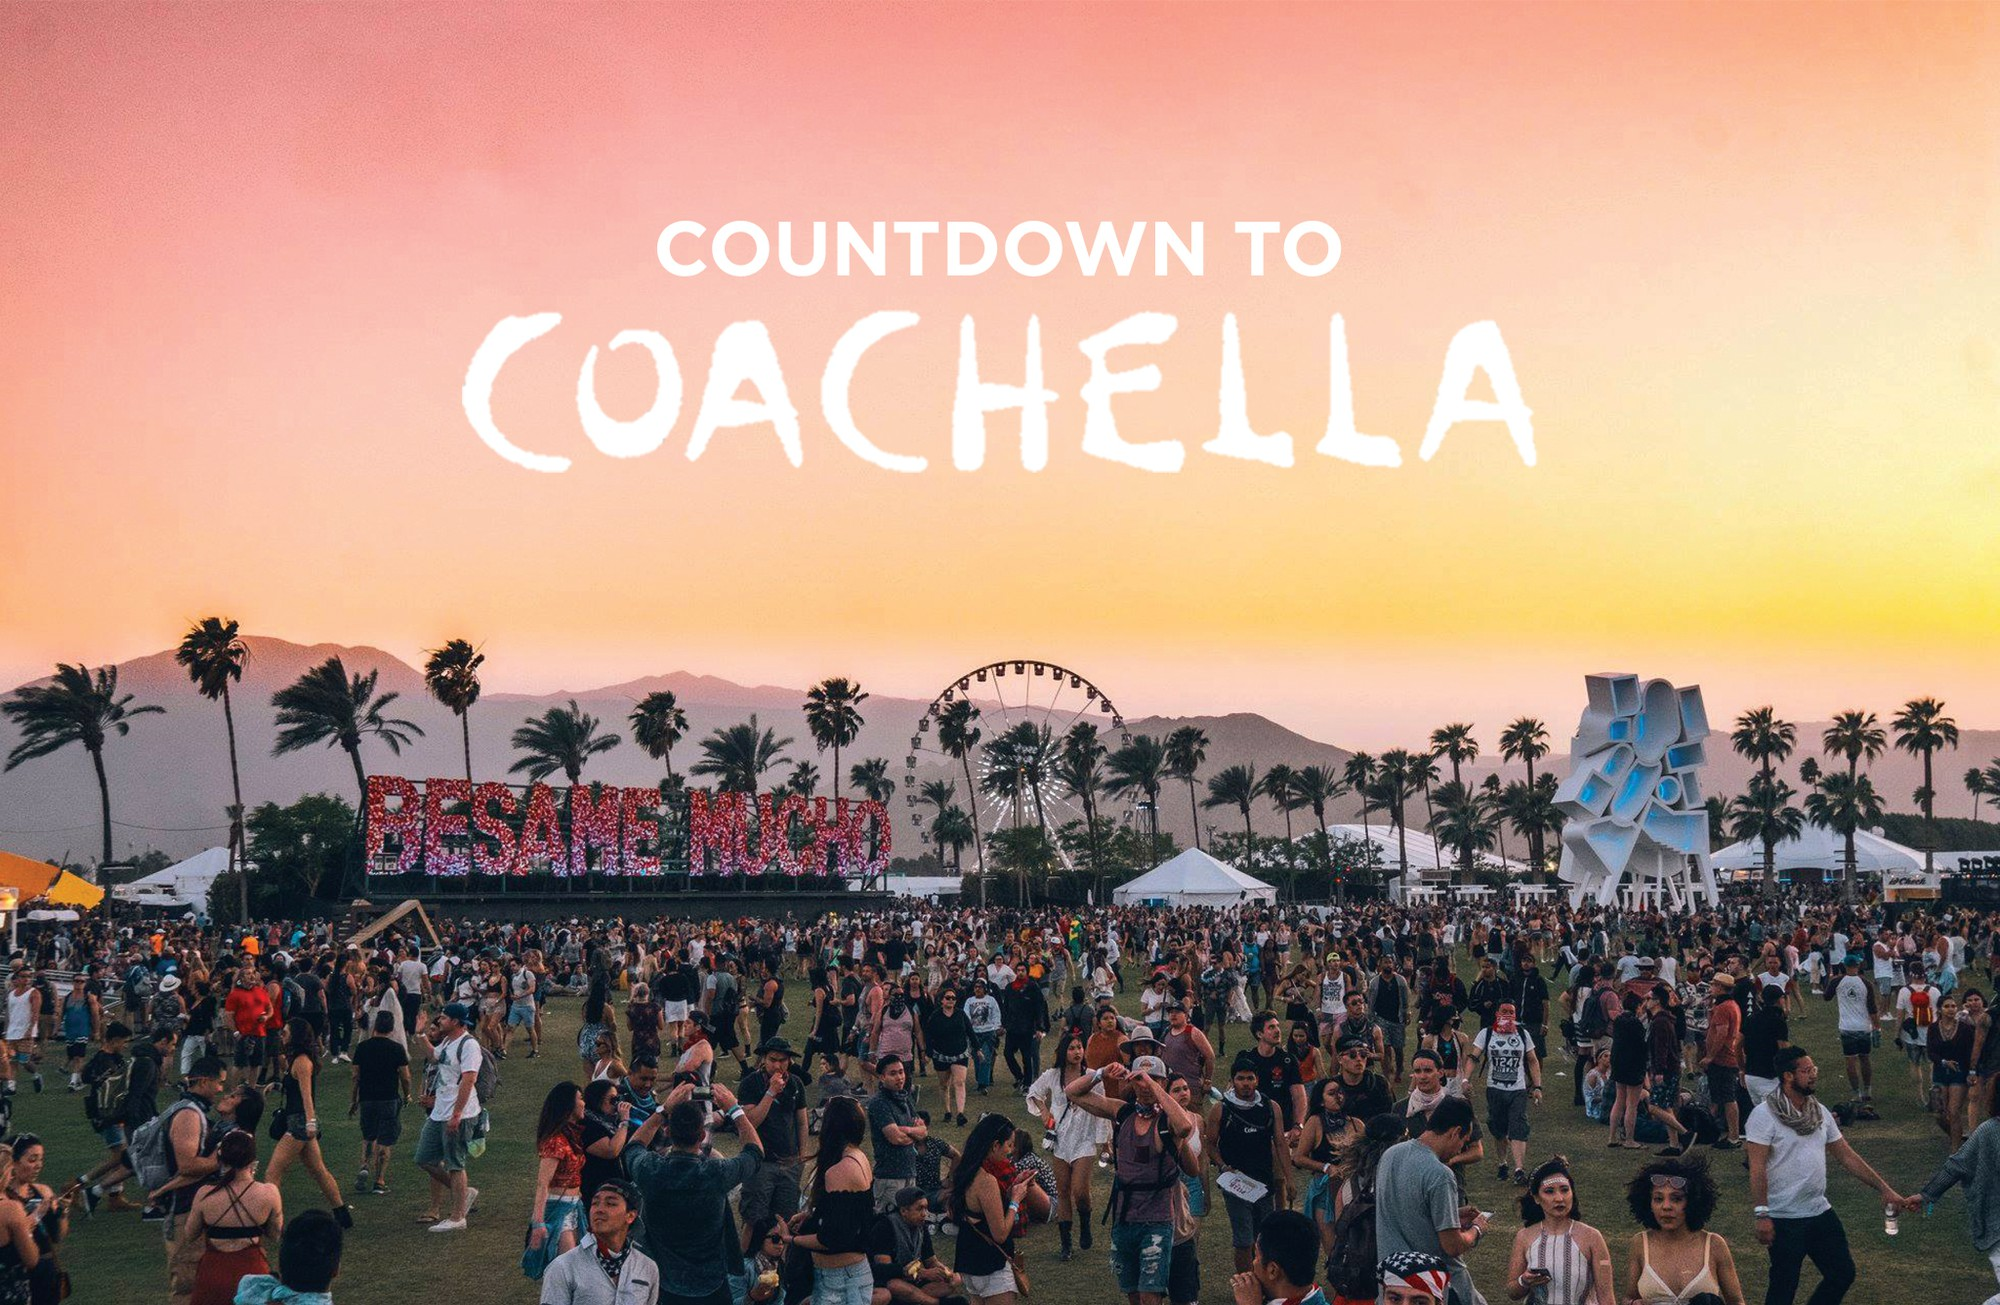 Trai xinh gái đẹp toàn thế giới hội tụ, Coachella - lễ hội âm nhạc lớn nhất hành tinh chính thức khai màn - Ảnh 1.